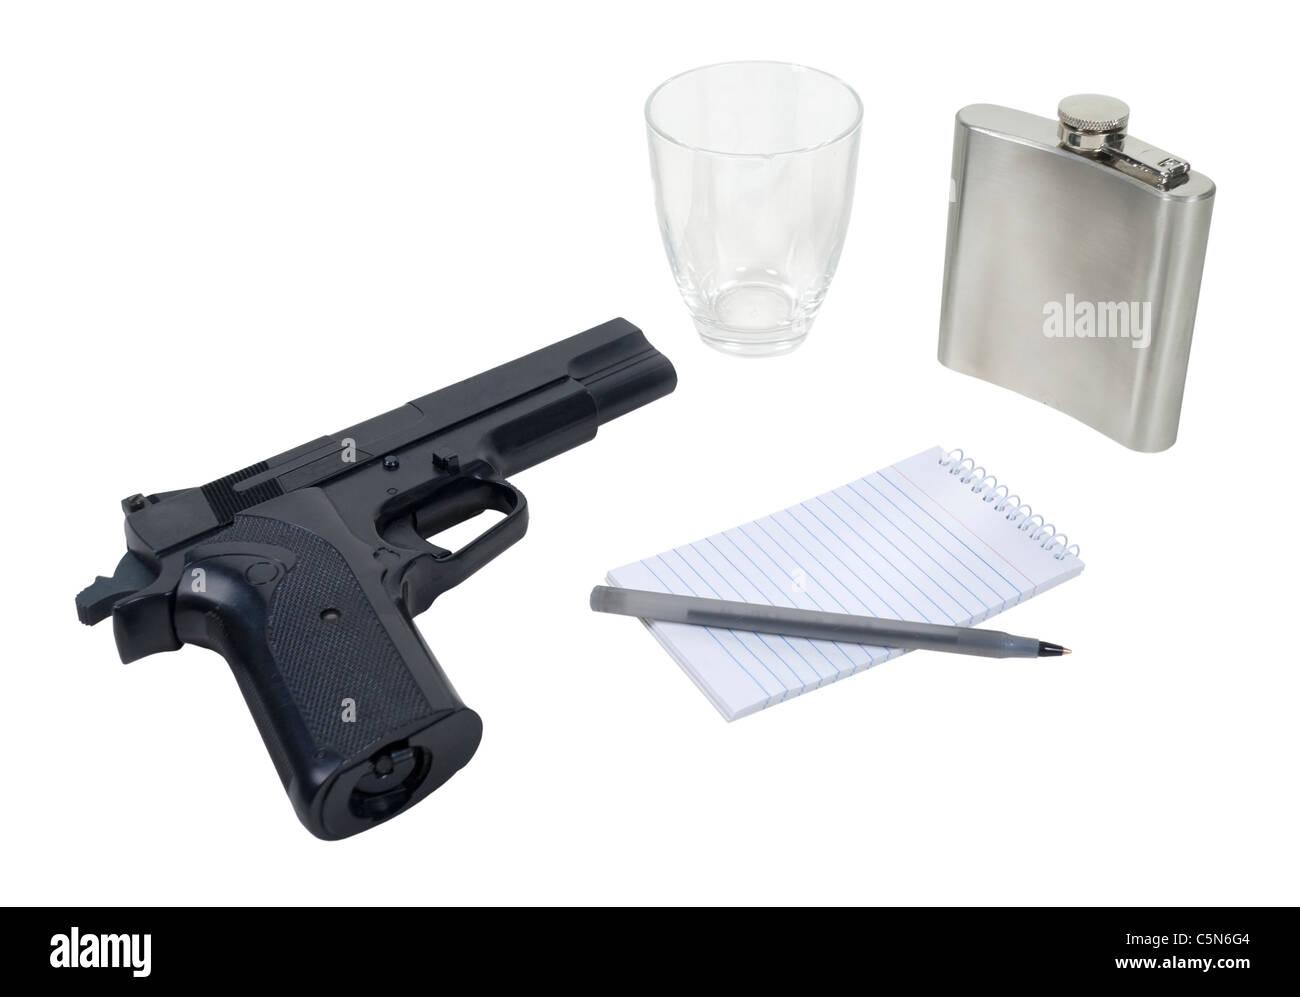 Schwarze Hand Pistole, silberne Flasche mit einem kleinen Glas und einen kleinen Notizblock - Pfad enthalten Stockbild